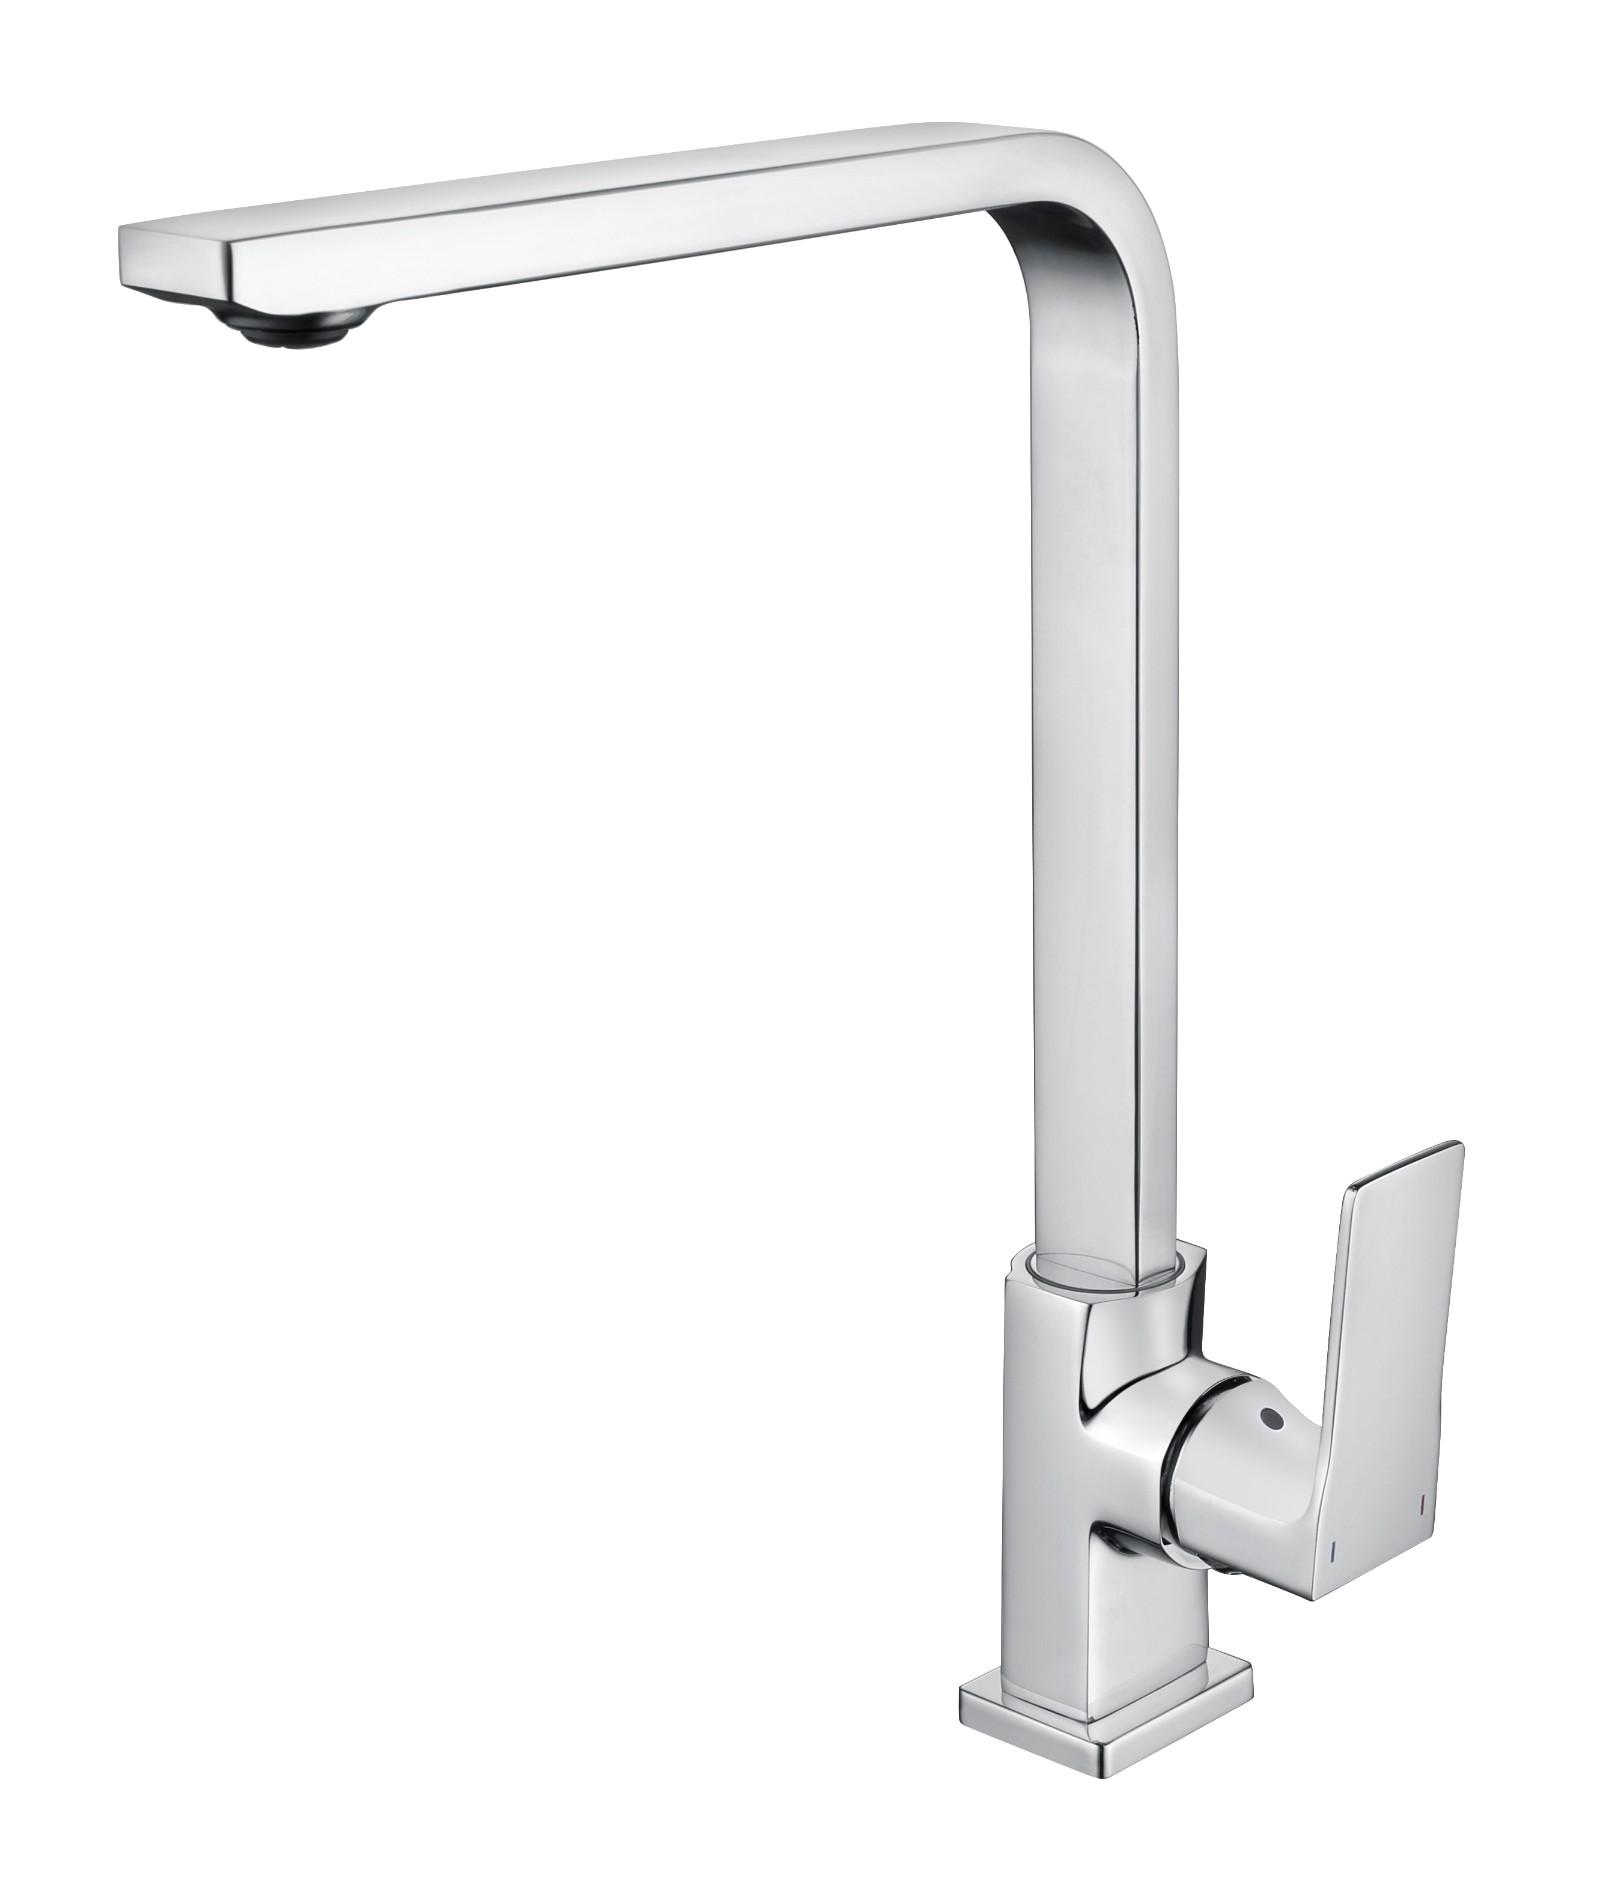 Dr.Fang 360 Wash Basin Faucet Manufacturers, Dr.Fang 360 Wash Basin Faucet Factory, Supply Dr.Fang 360 Wash Basin Faucet